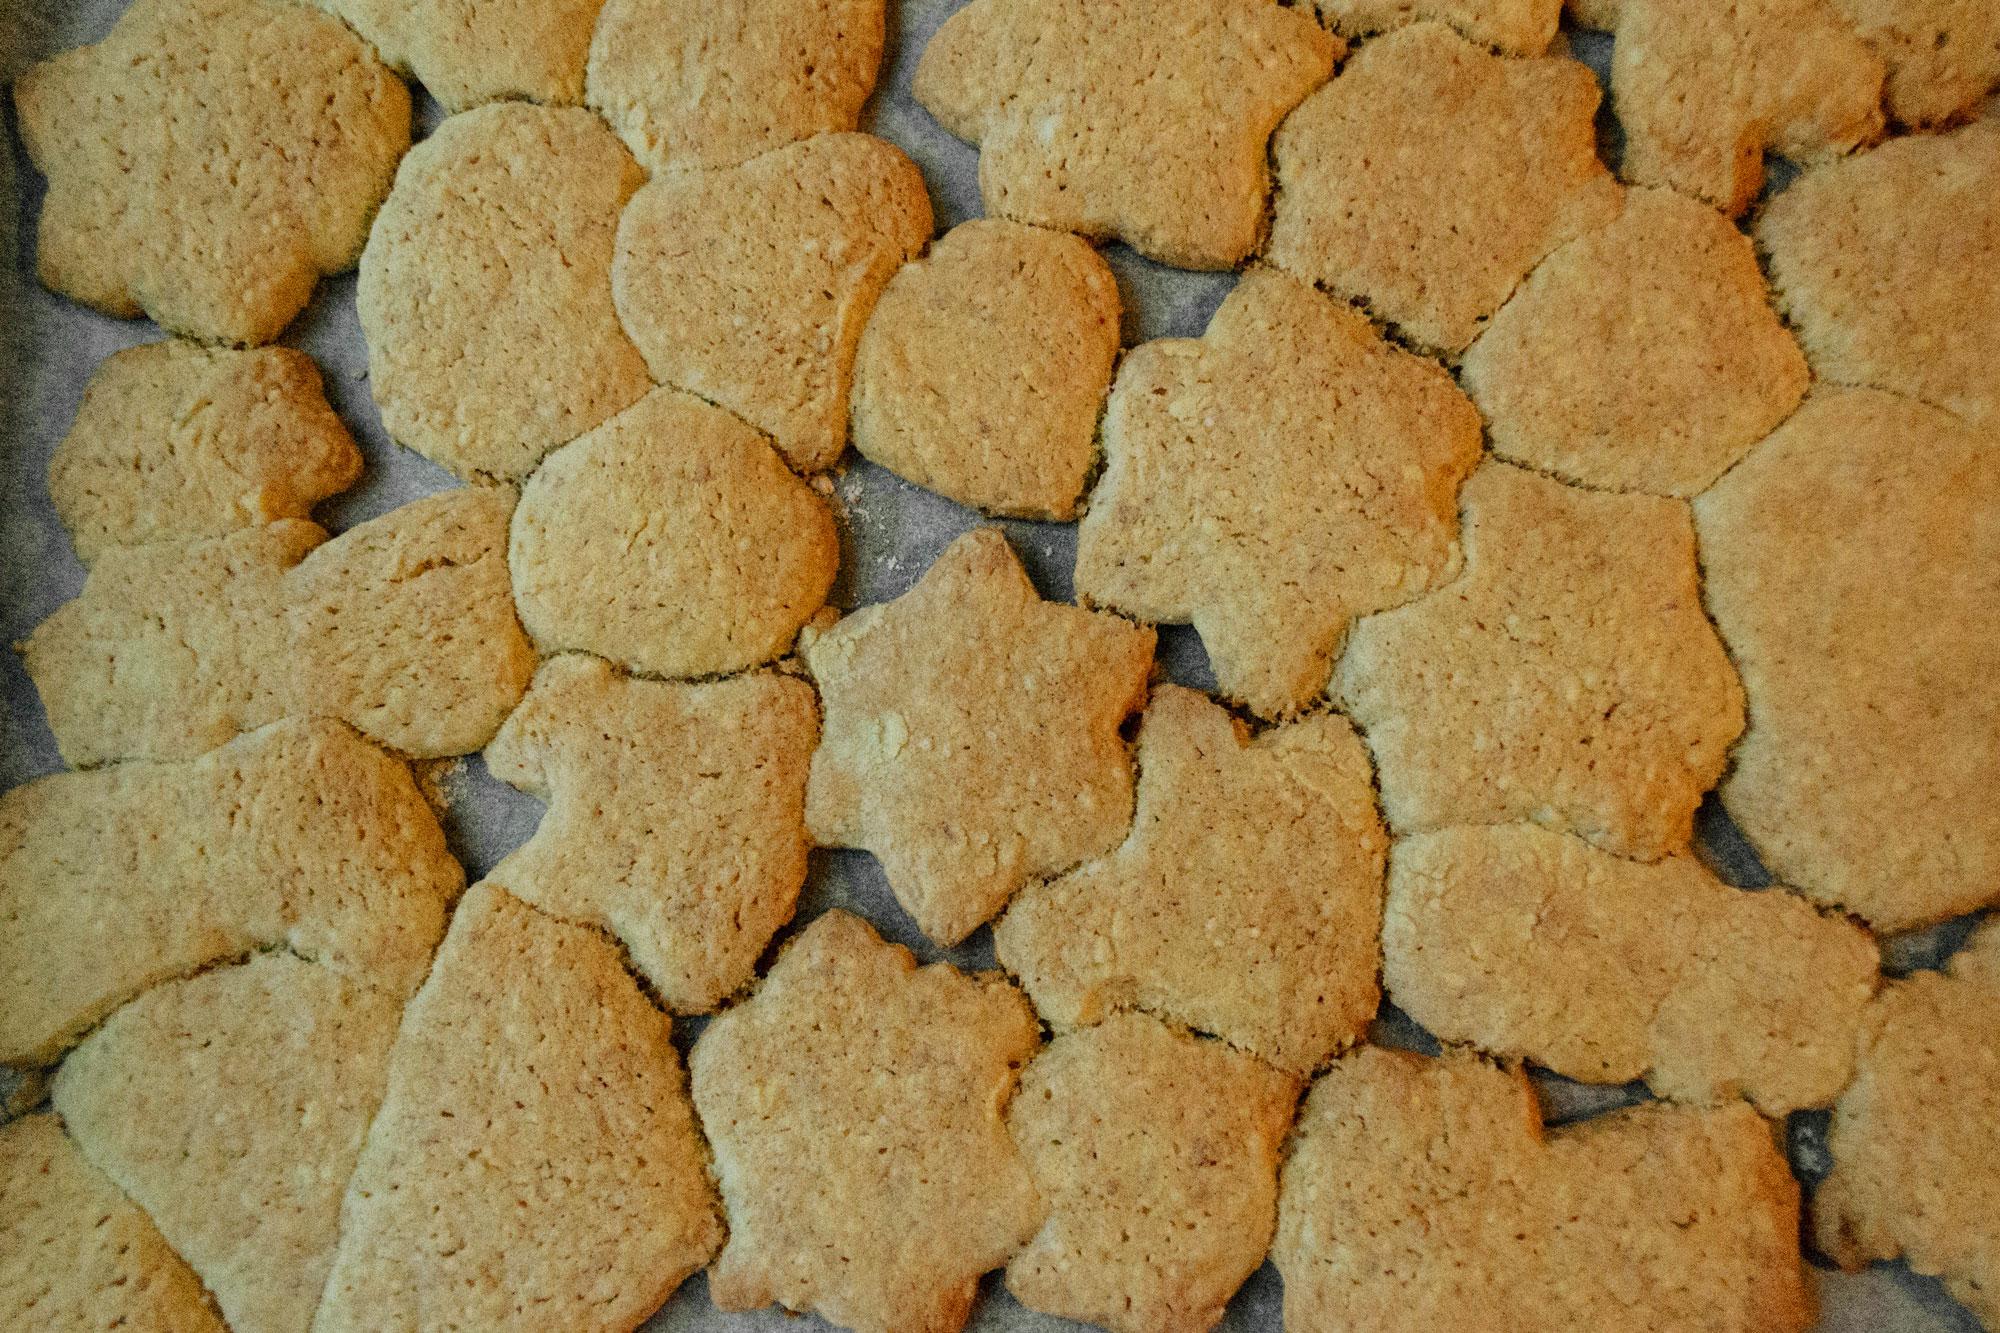 Recept za kekse - brza priprema božićnih kolača - kako ih peći